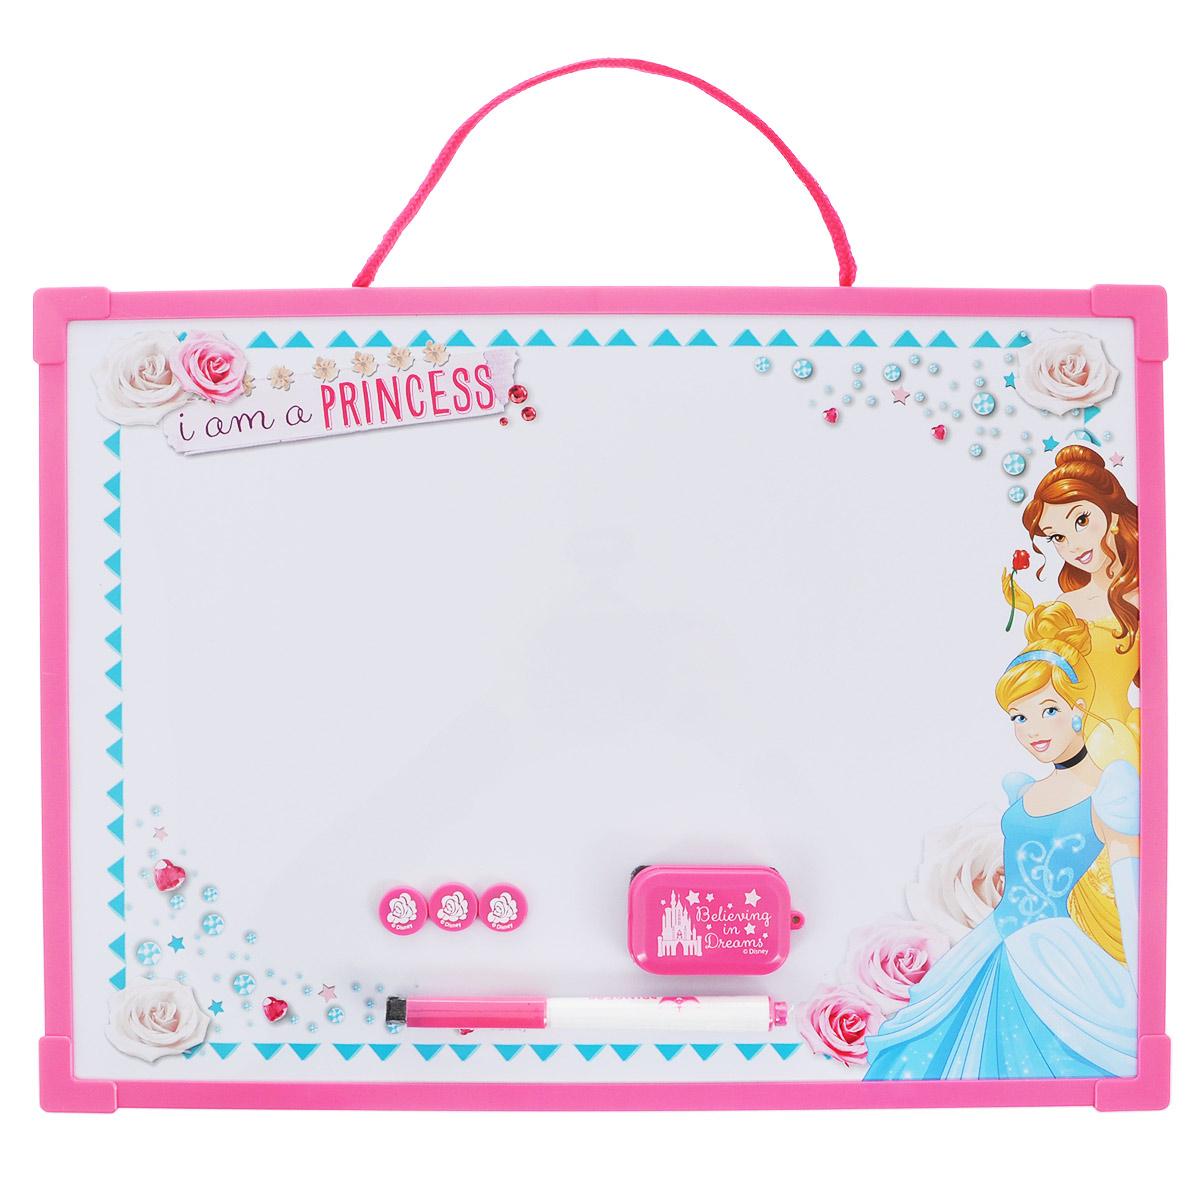 Доска для рисования Princess Пиши-стирай, цвет: розовый, белый. PRCB-US1-Z1500982048884-70Доска для рисования Princess Пиши-стирай на веревочке, на которой можно создавать различные картины бесконечно! Доска оборудована маркером с фетровым стирателем, губкой для стирания записей и тремя магнитами. Доска для рисования развивает моторику, воображение, концентрацию внимания, цветовое восприятие.